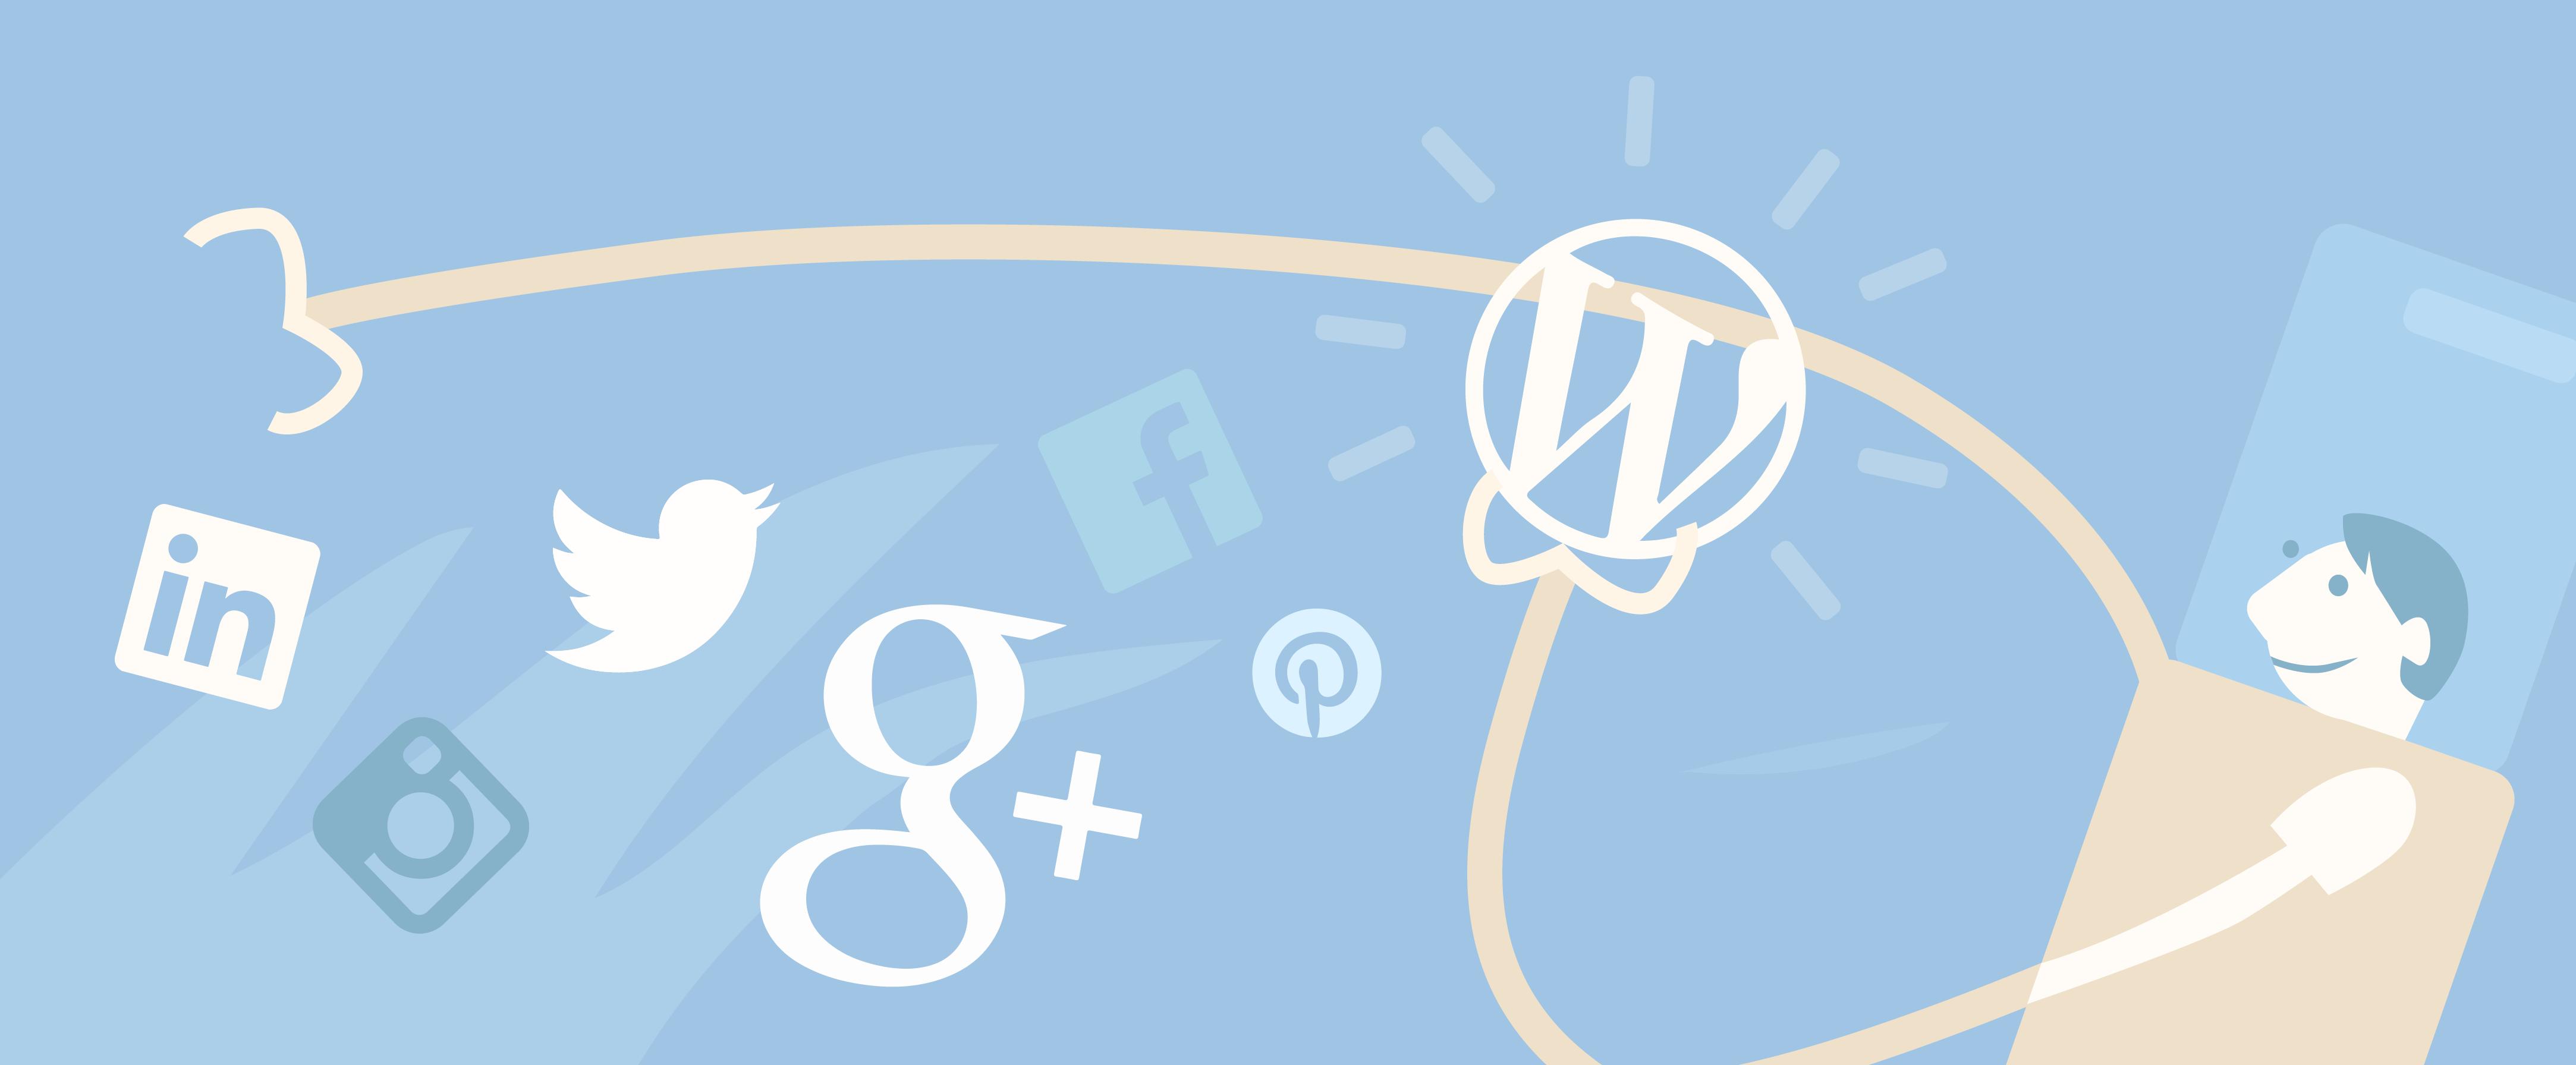 10 herramientas gratuitas para triunfar en redes sociales